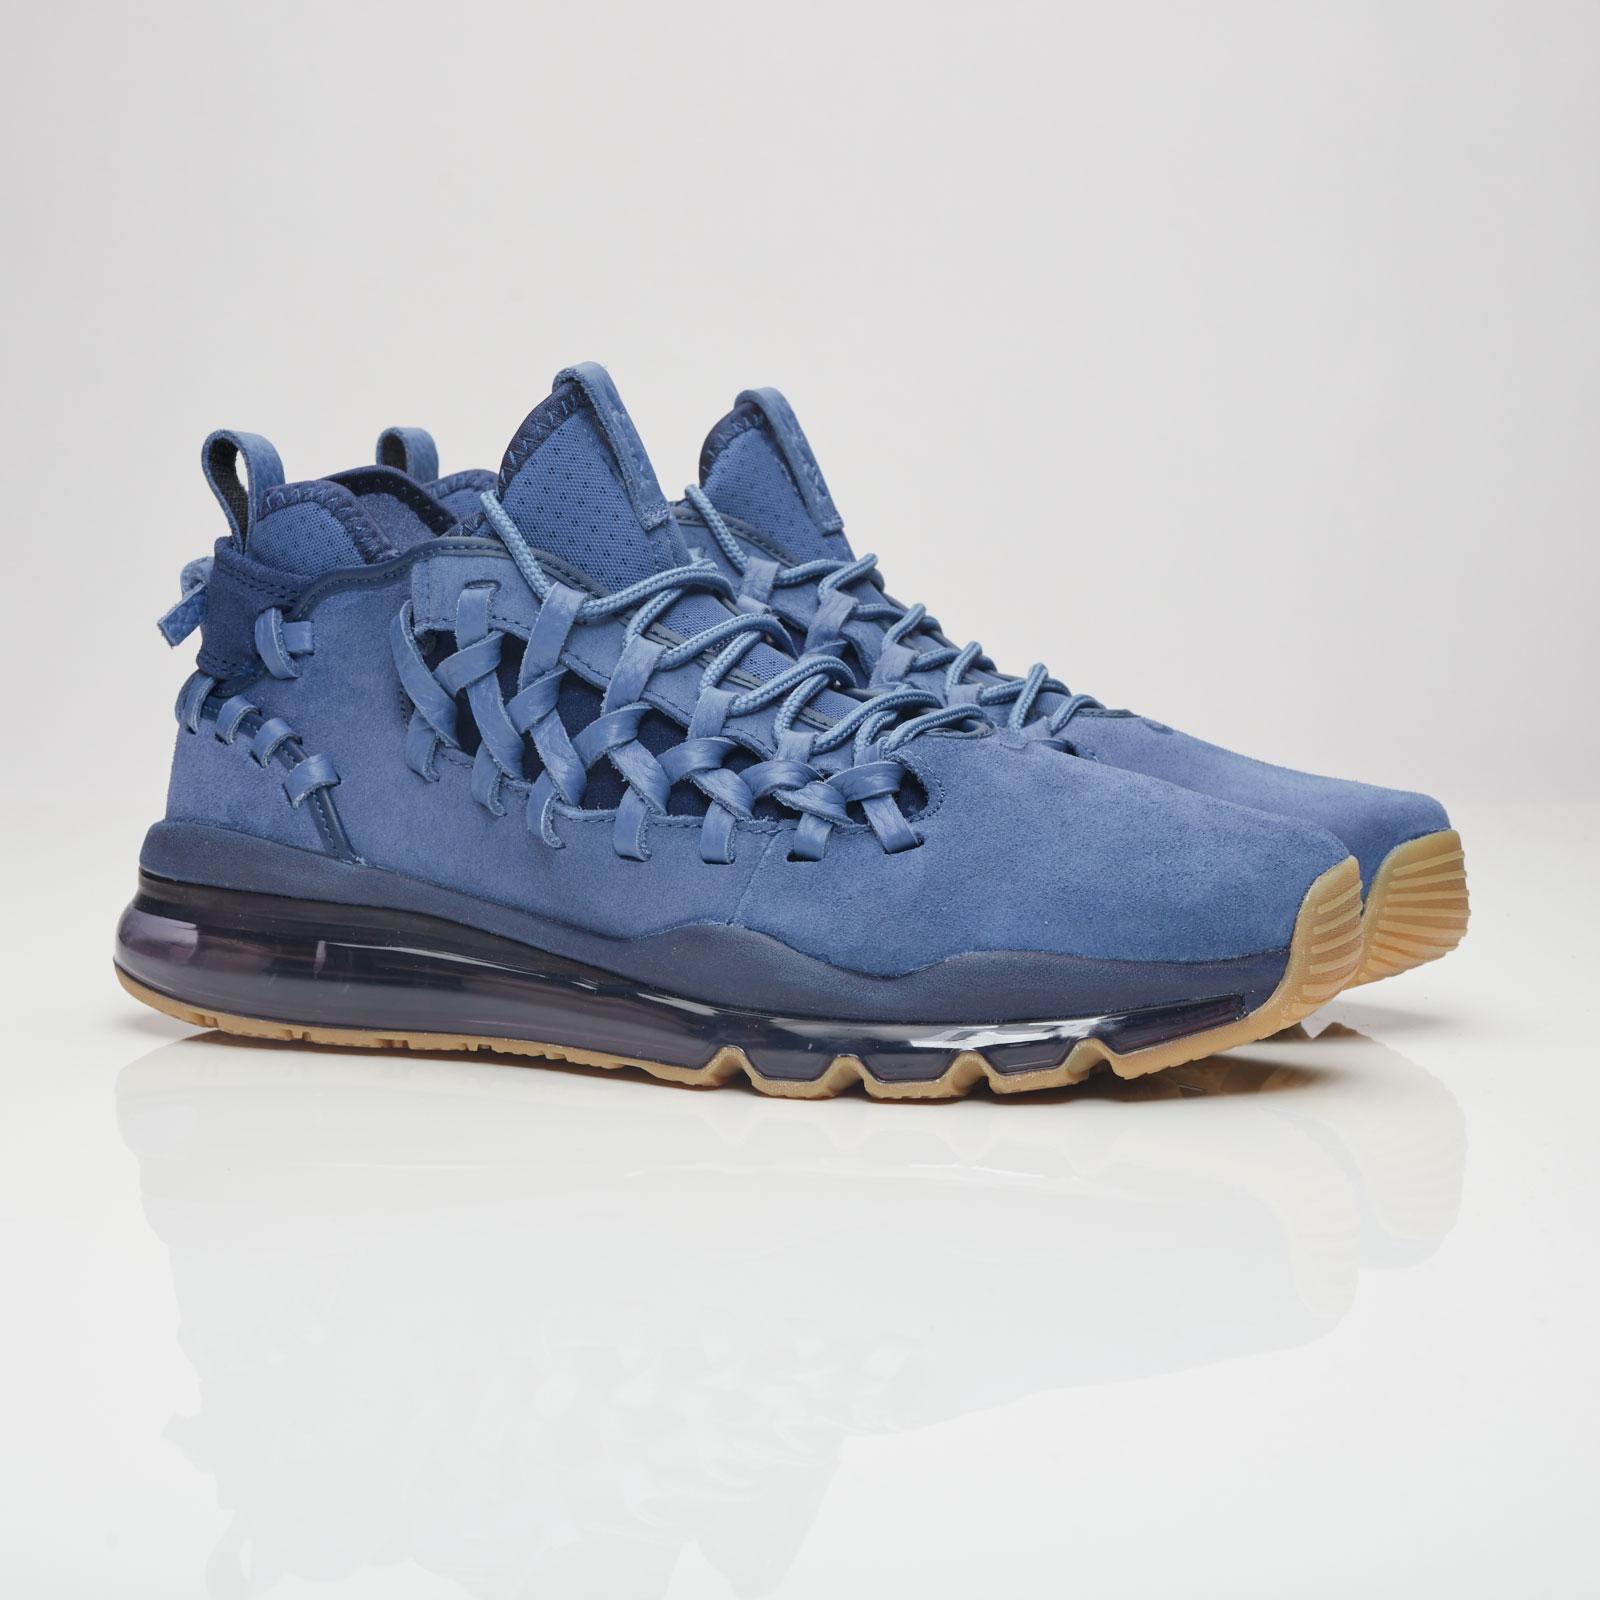 Nike Air Max Tr17 880996 400 Sneakersnstuff | sneakers